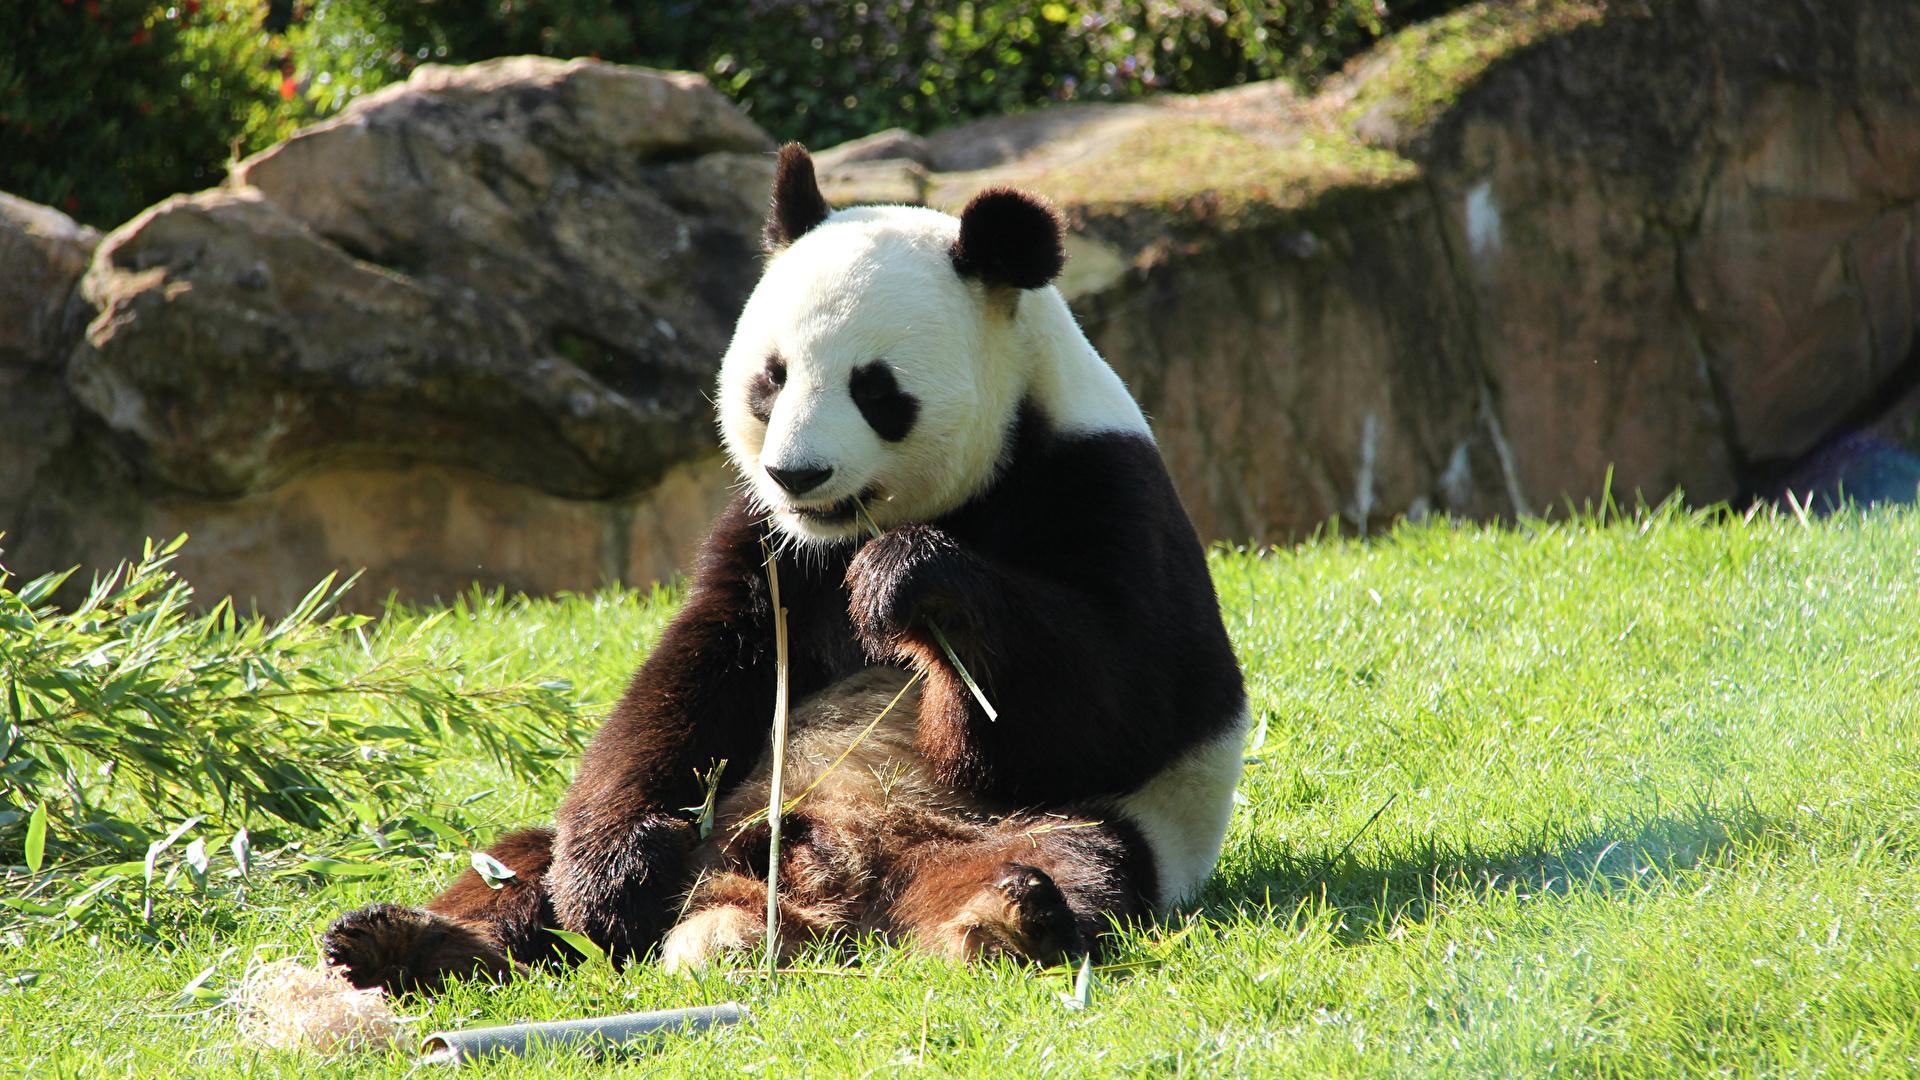 Bilder von Pandas Bären Gras Sitzend Tiere 1920x1080 Großer Panda sitzt sitzen ein Tier